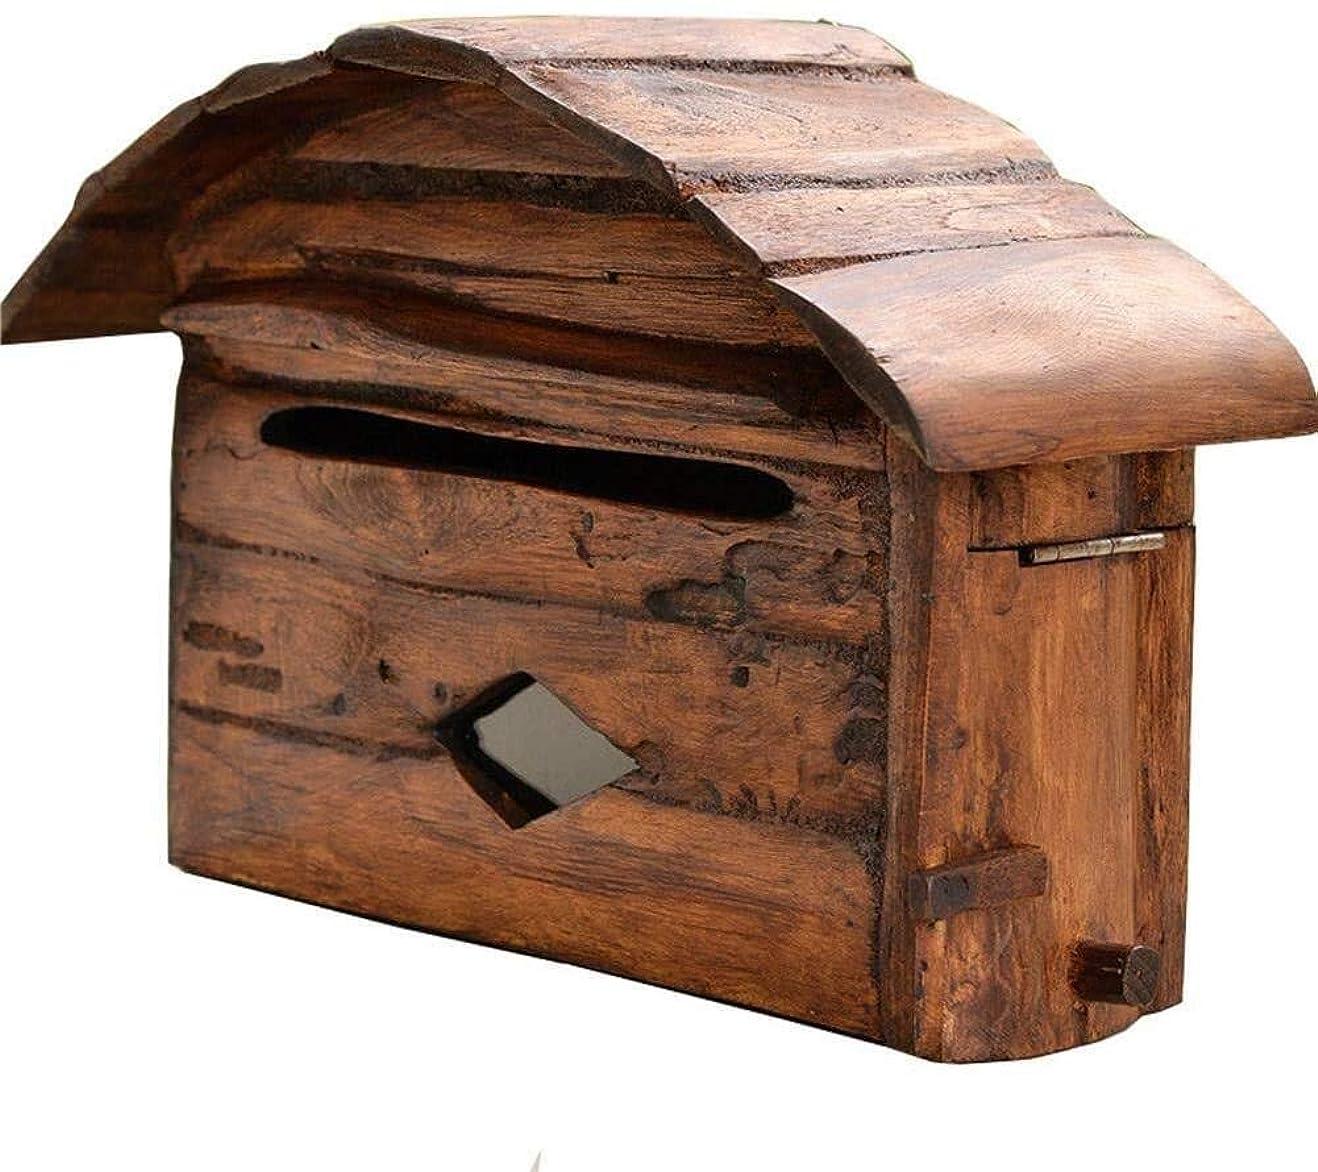 七時半サイドボード川メールボックス 郵便受け 壁掛け メールボックスウォールポストボックスパストラルアメリカのメールボックスデコレーションレターボックス新聞ボックス牛乳ボックスご意見ご感想をマウント 1107